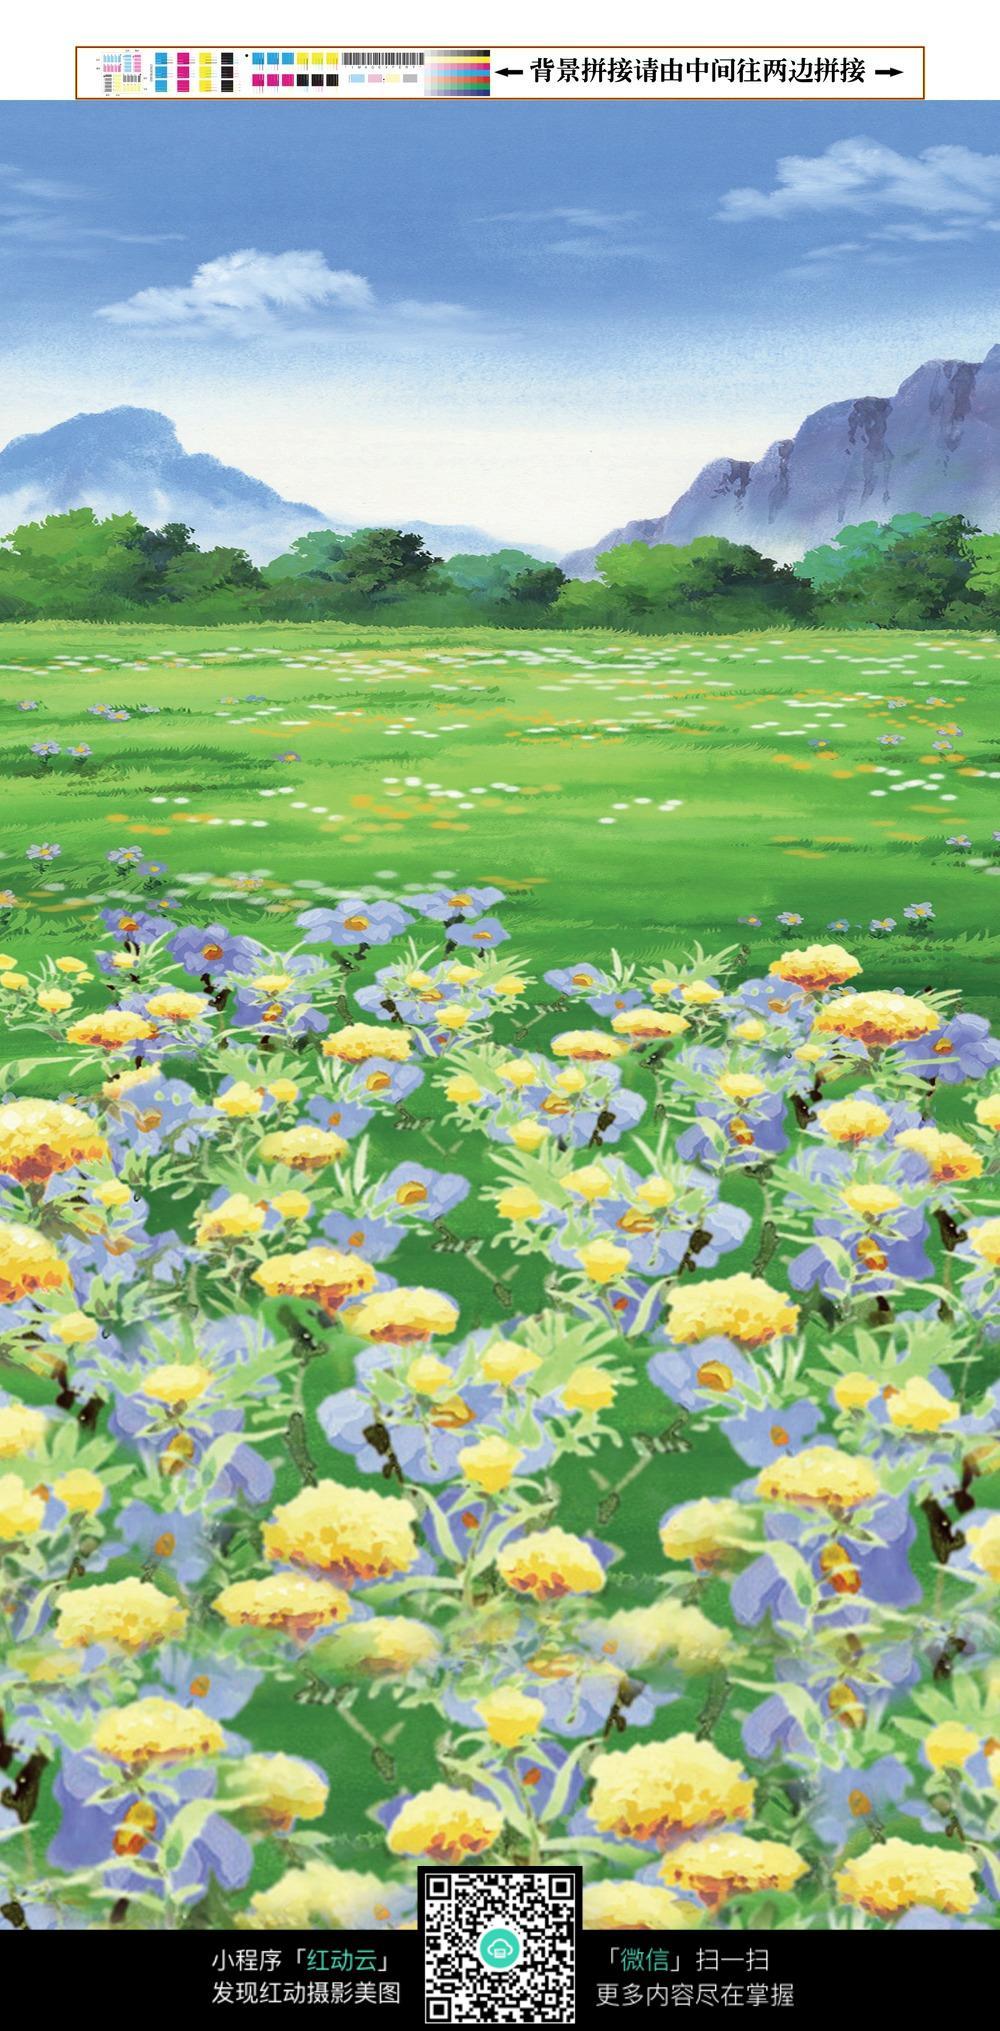 免费素材 图片素材 背景花边 其他 卡通森林图